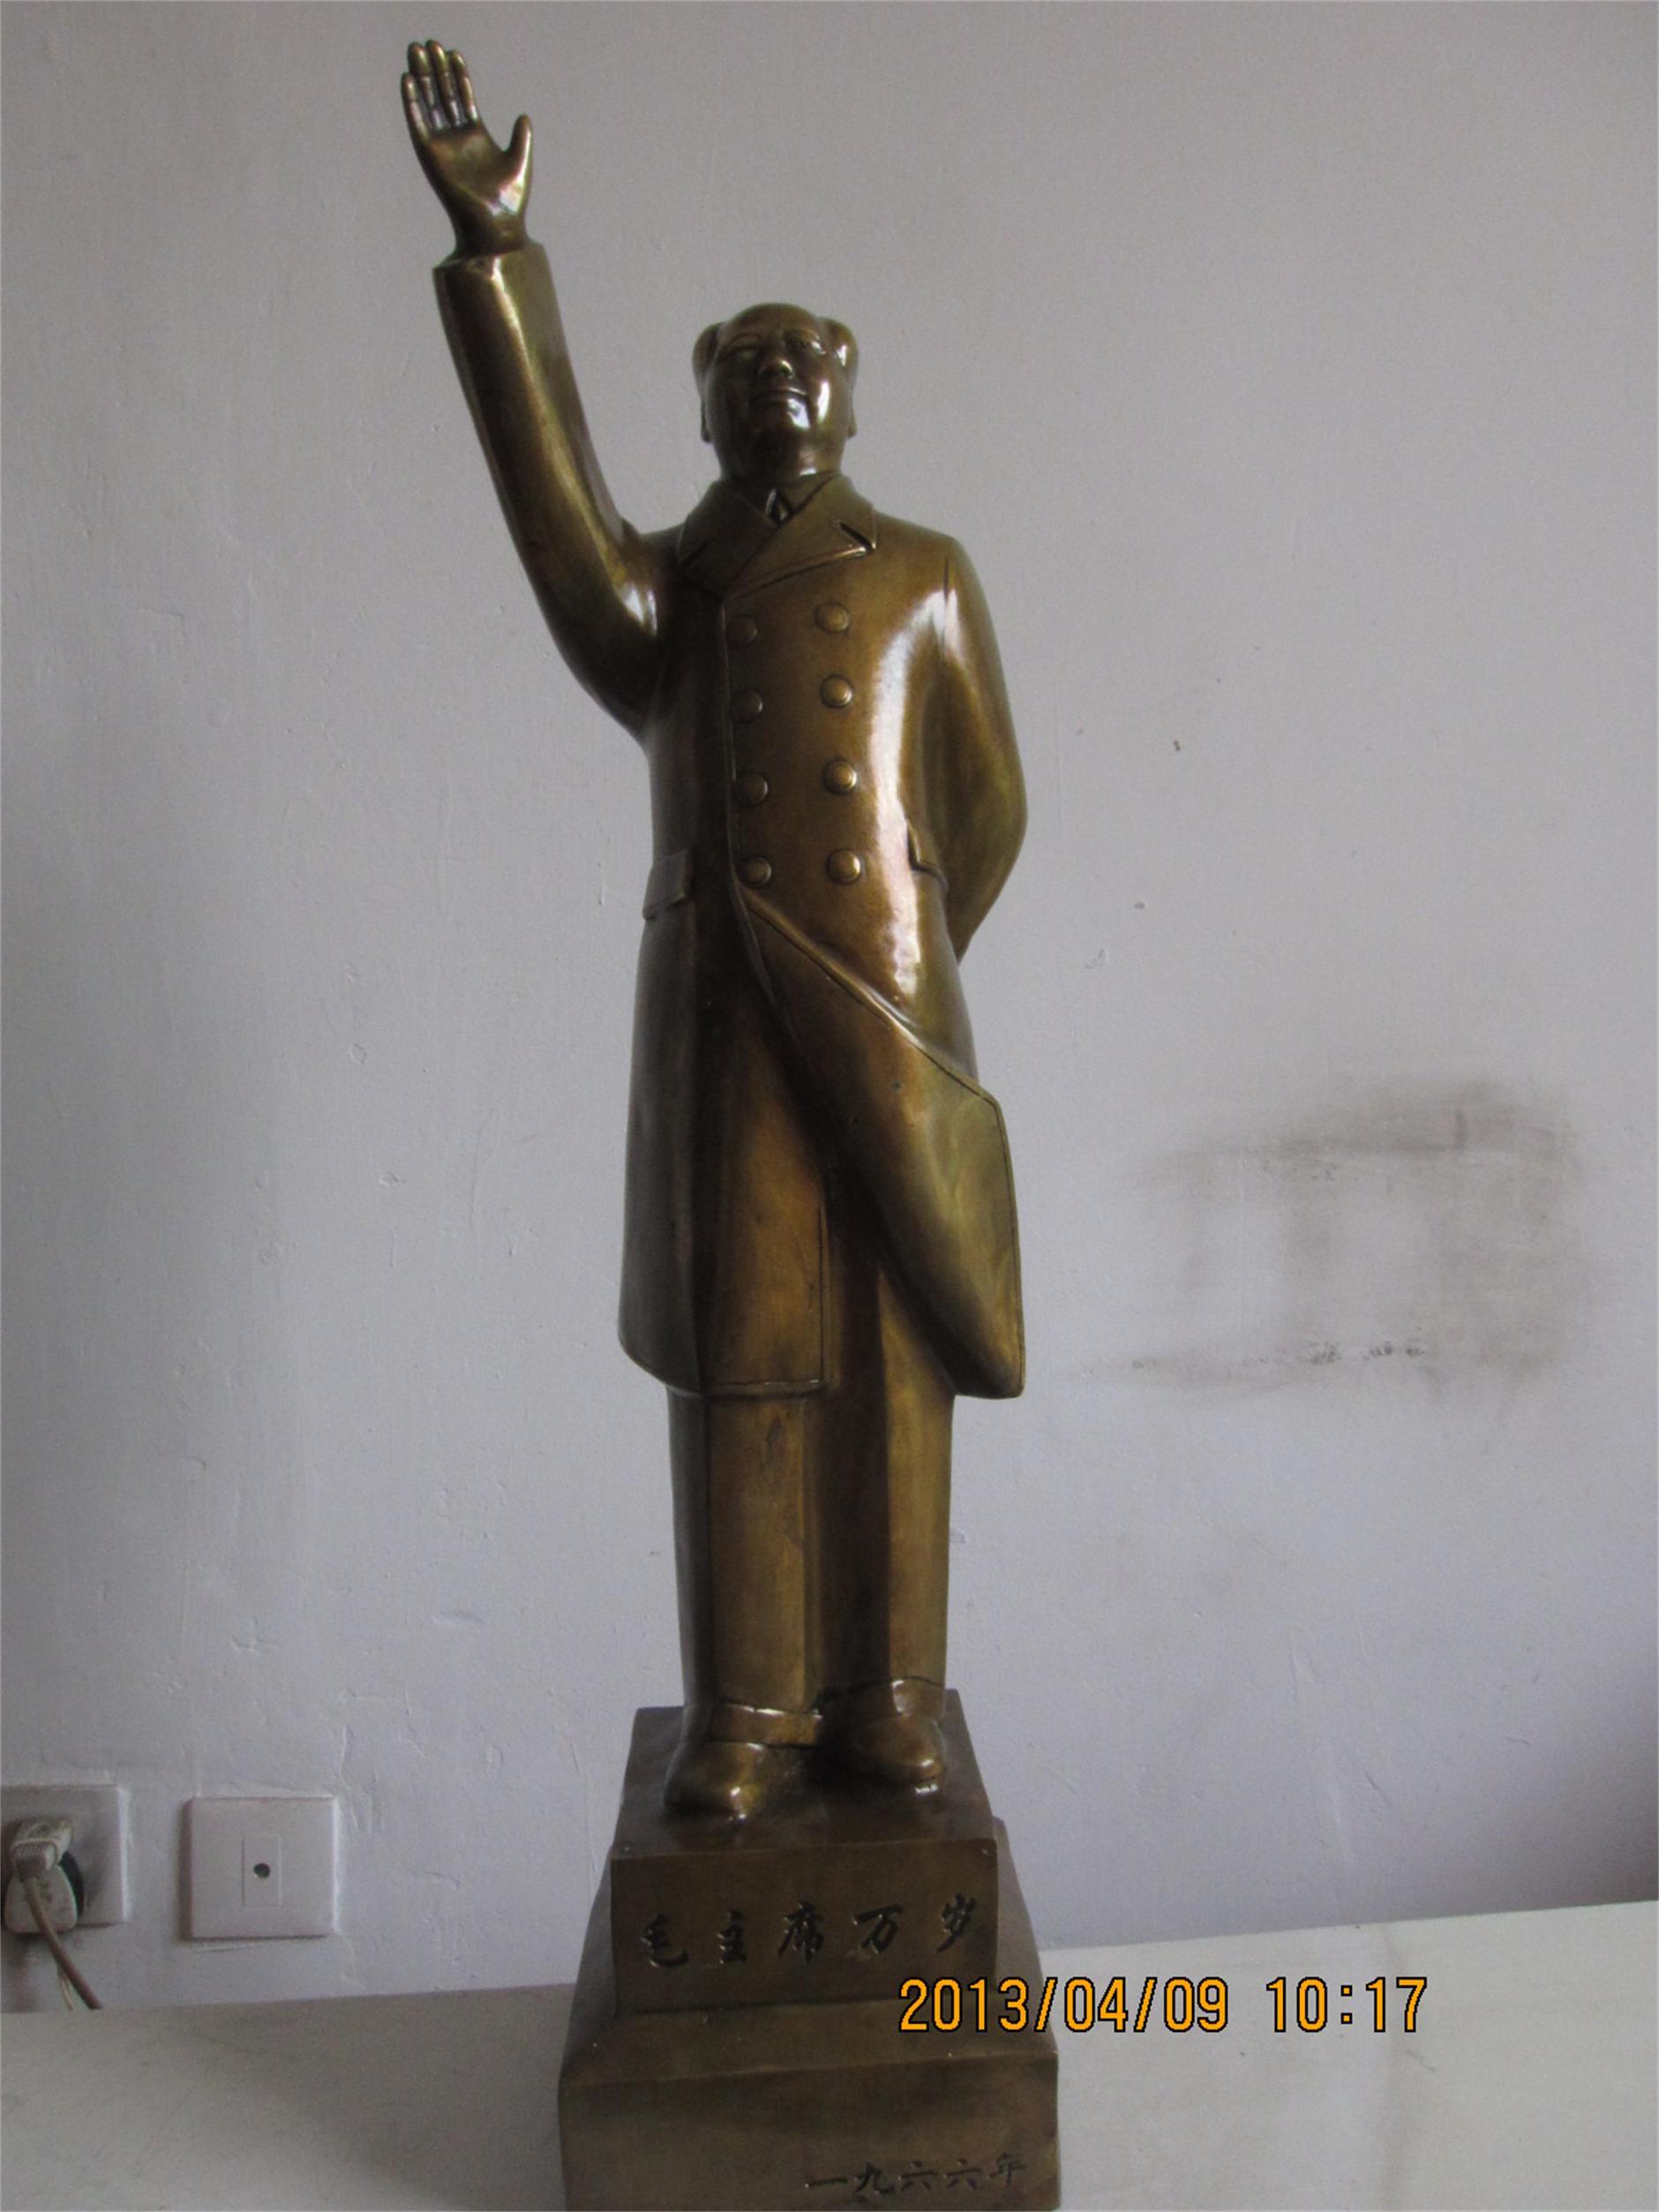 私人博物馆 伟人铜像博物馆